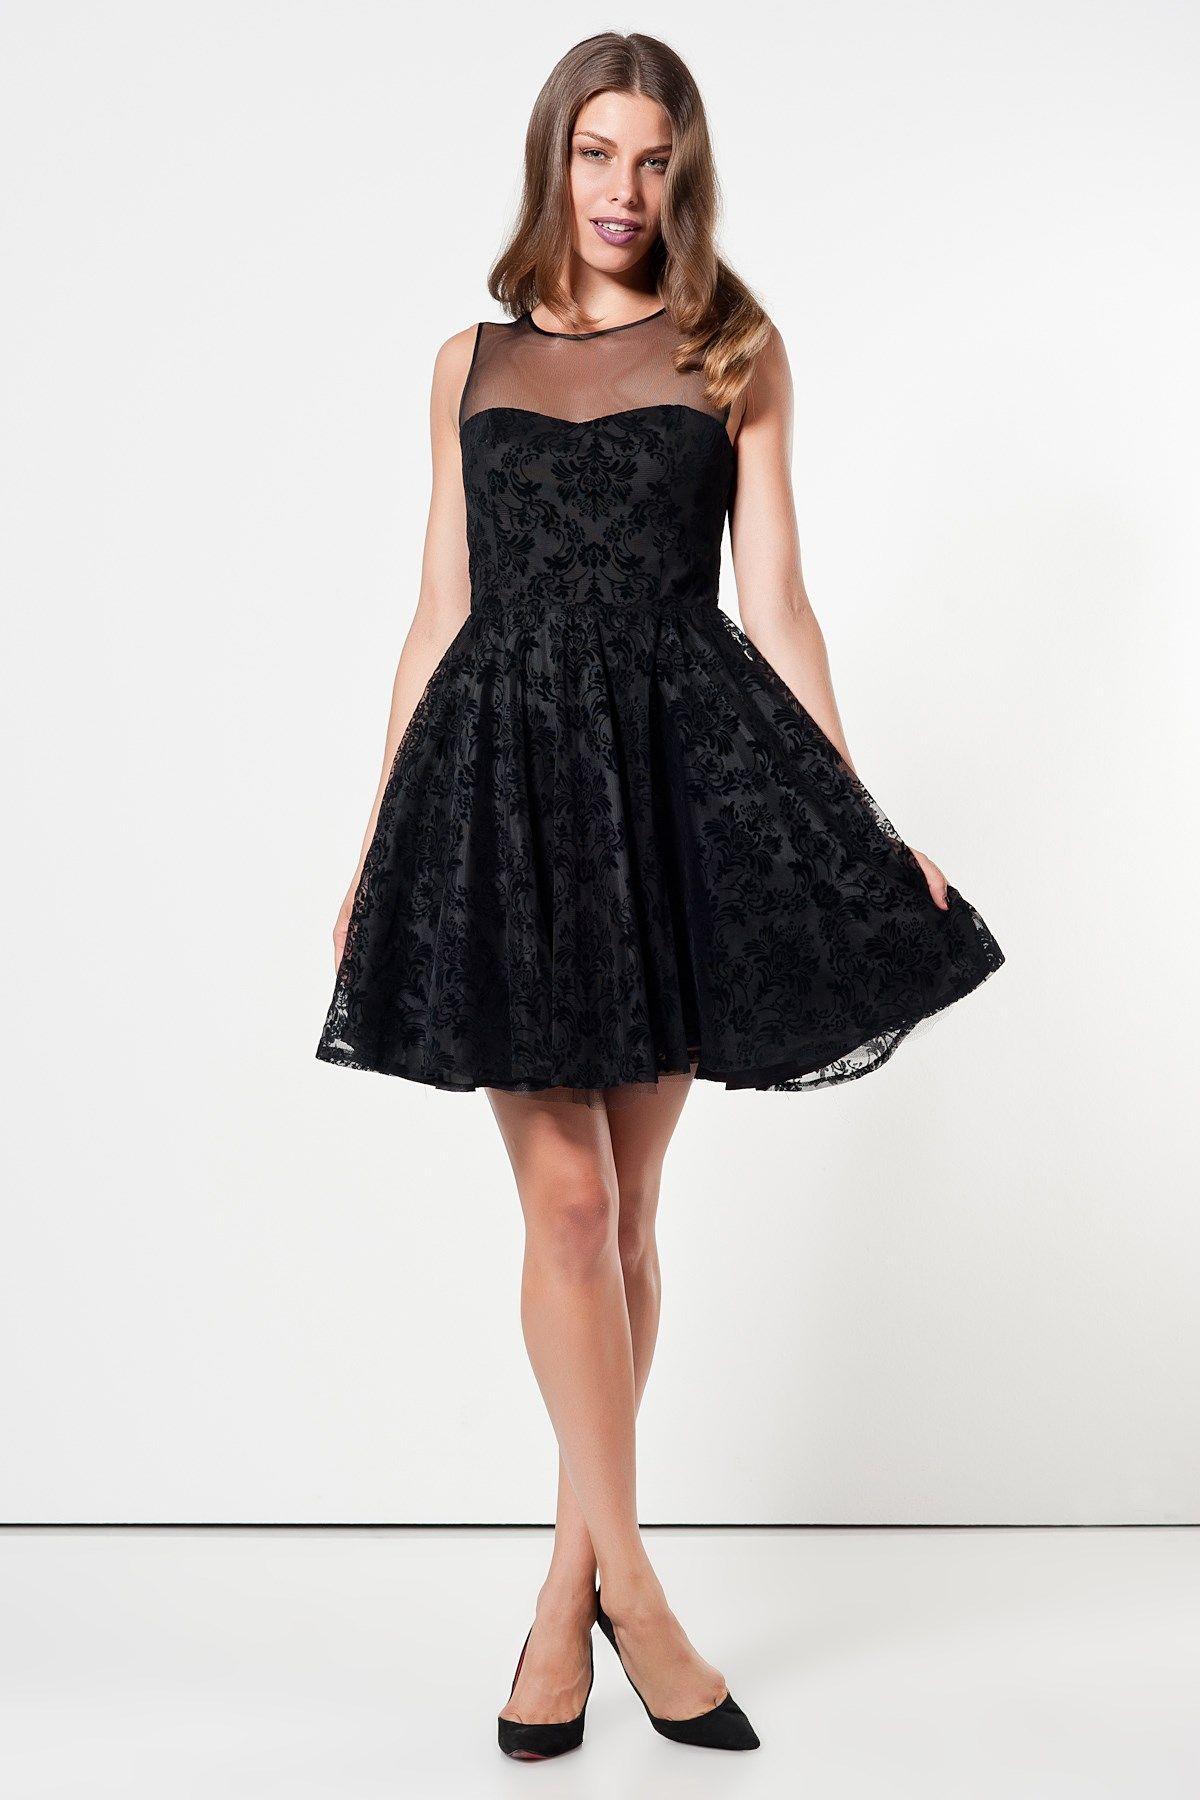 Trendyol Elbise Modelleri Abiyemodelleri2016 Com Pinterest